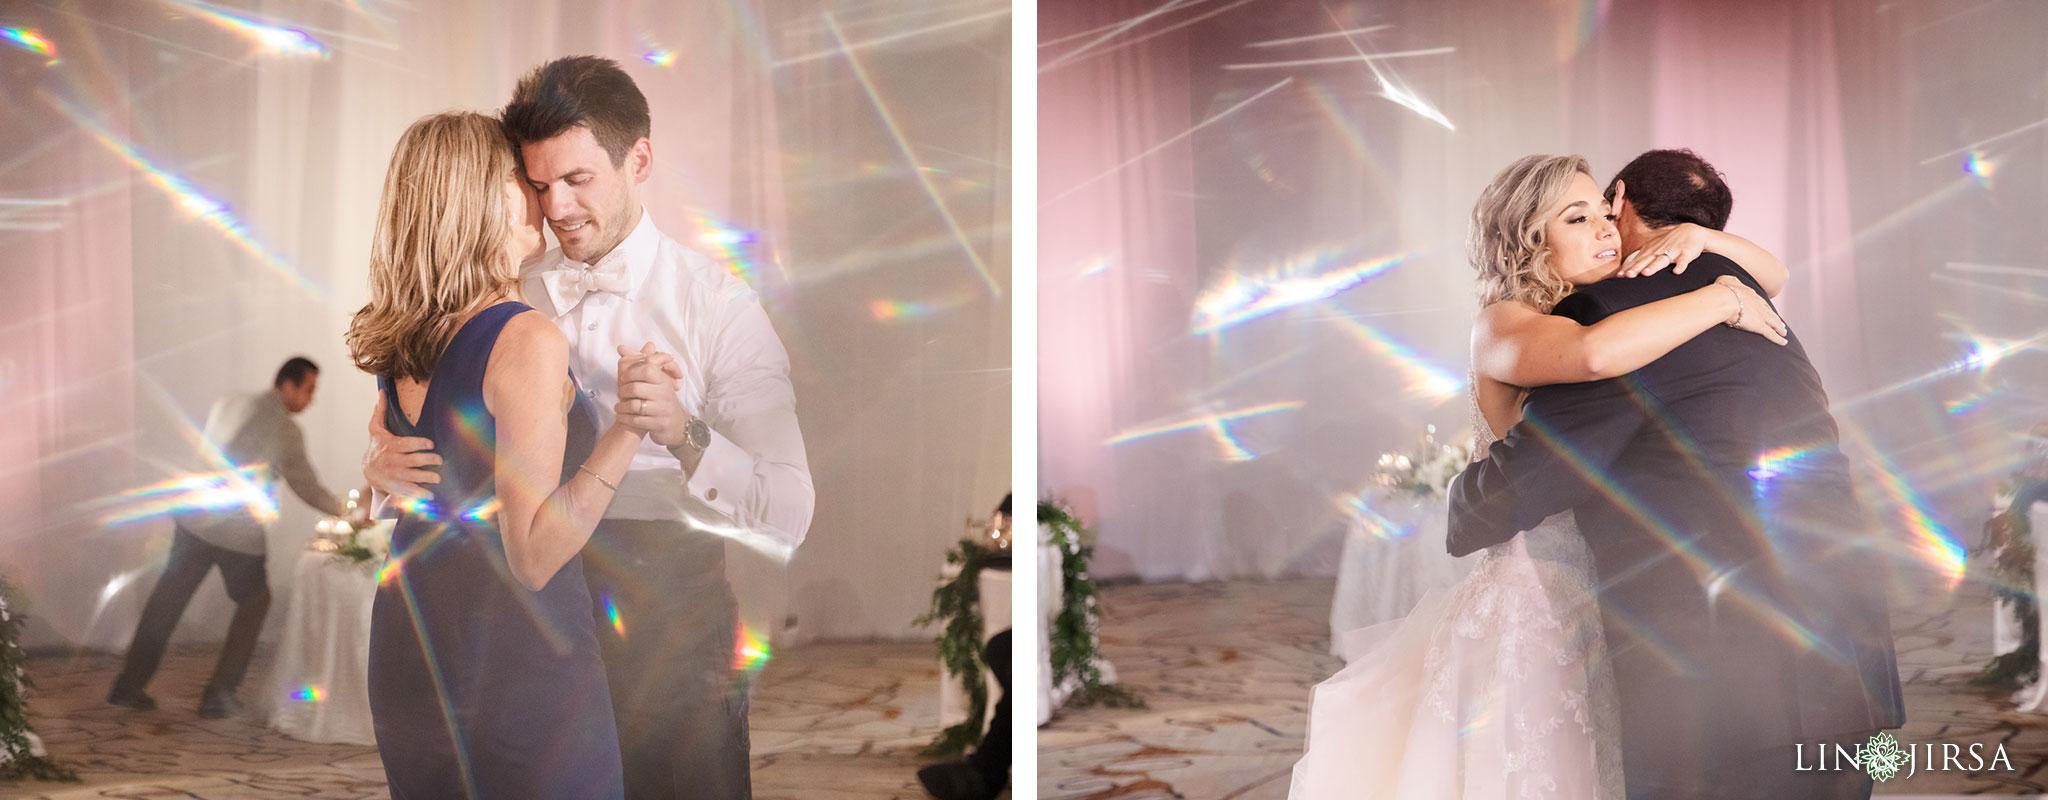 44 balboa bay wedding newport photography